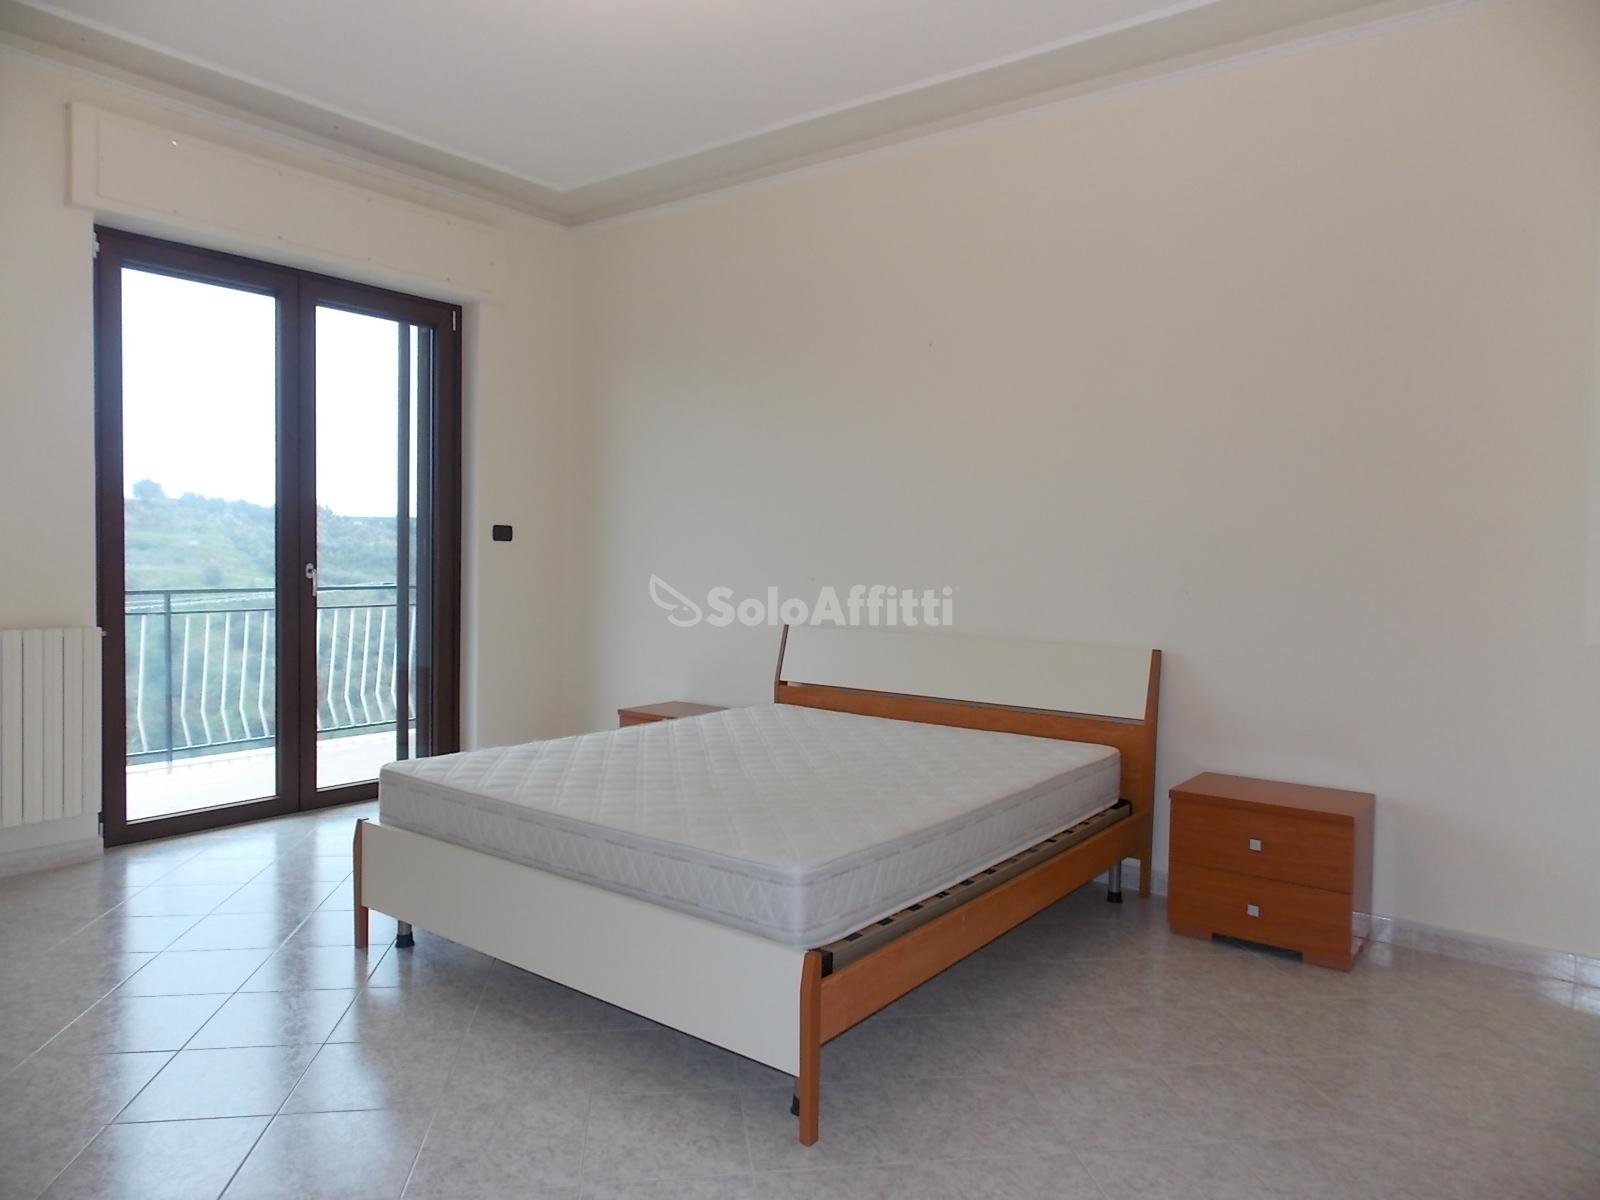 Appartamento Quadrilocale Arredato 150 mq.